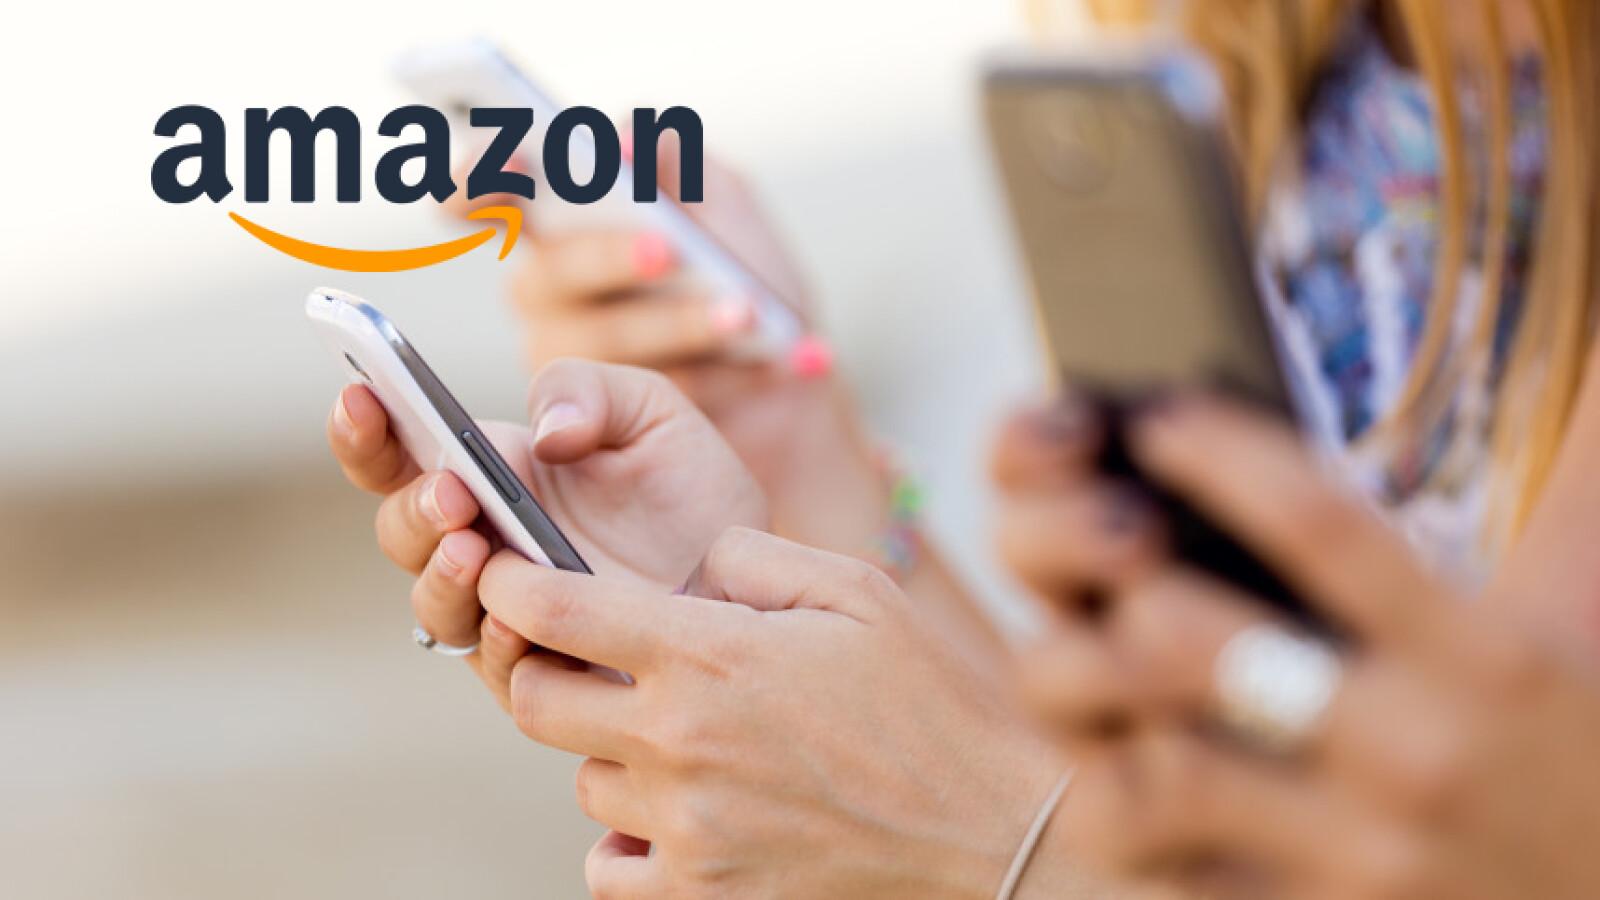 ccf12ef889e329 Handy & Smartphone-Deals am Amazon Prime Day: iPhone 7 und Co im Angebot -  NETZWELT